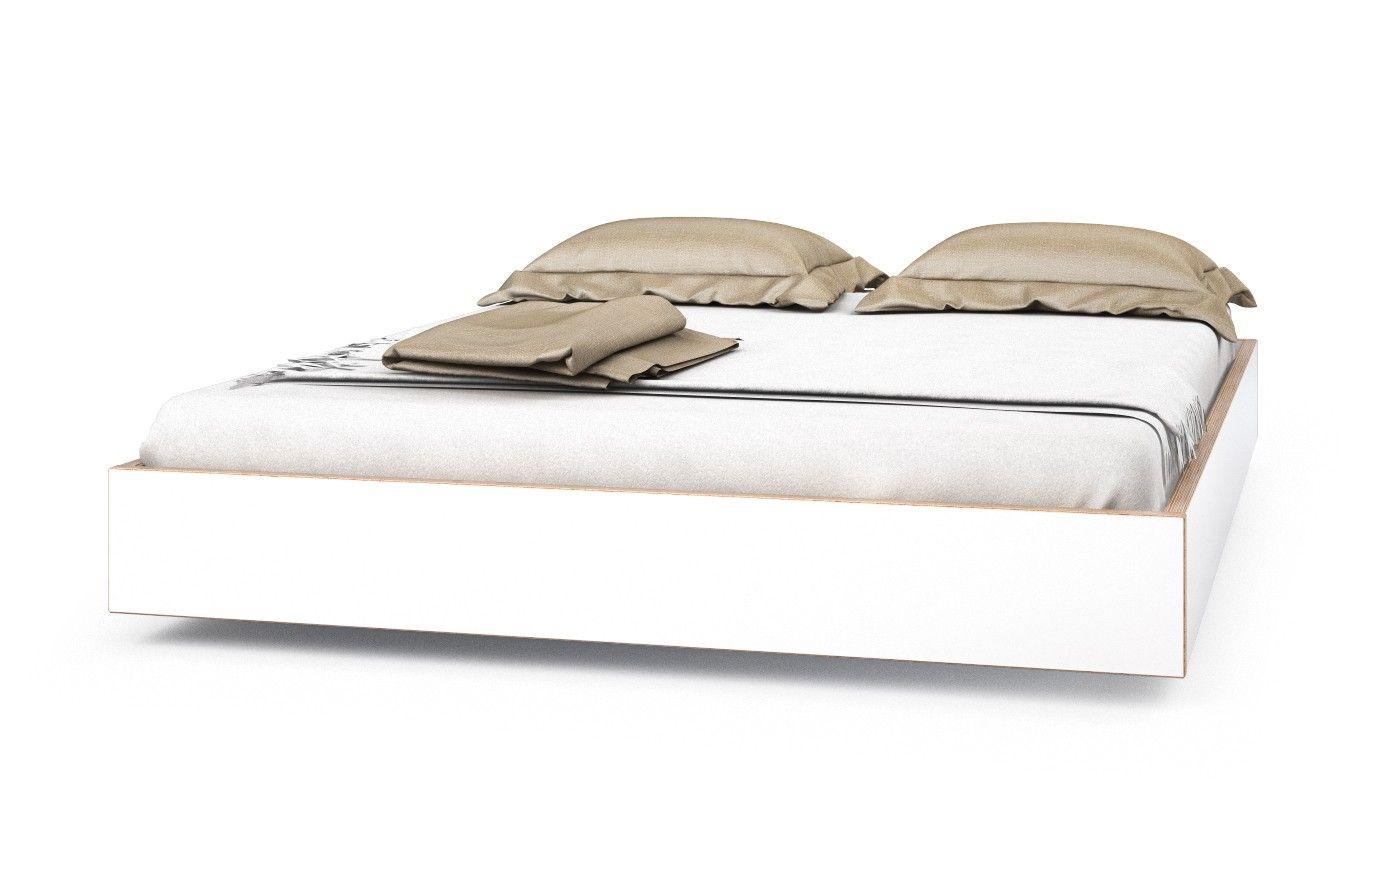 Bett Multiplex Weiss Atlantis 140 X 200 Cm Nein Bett Bett